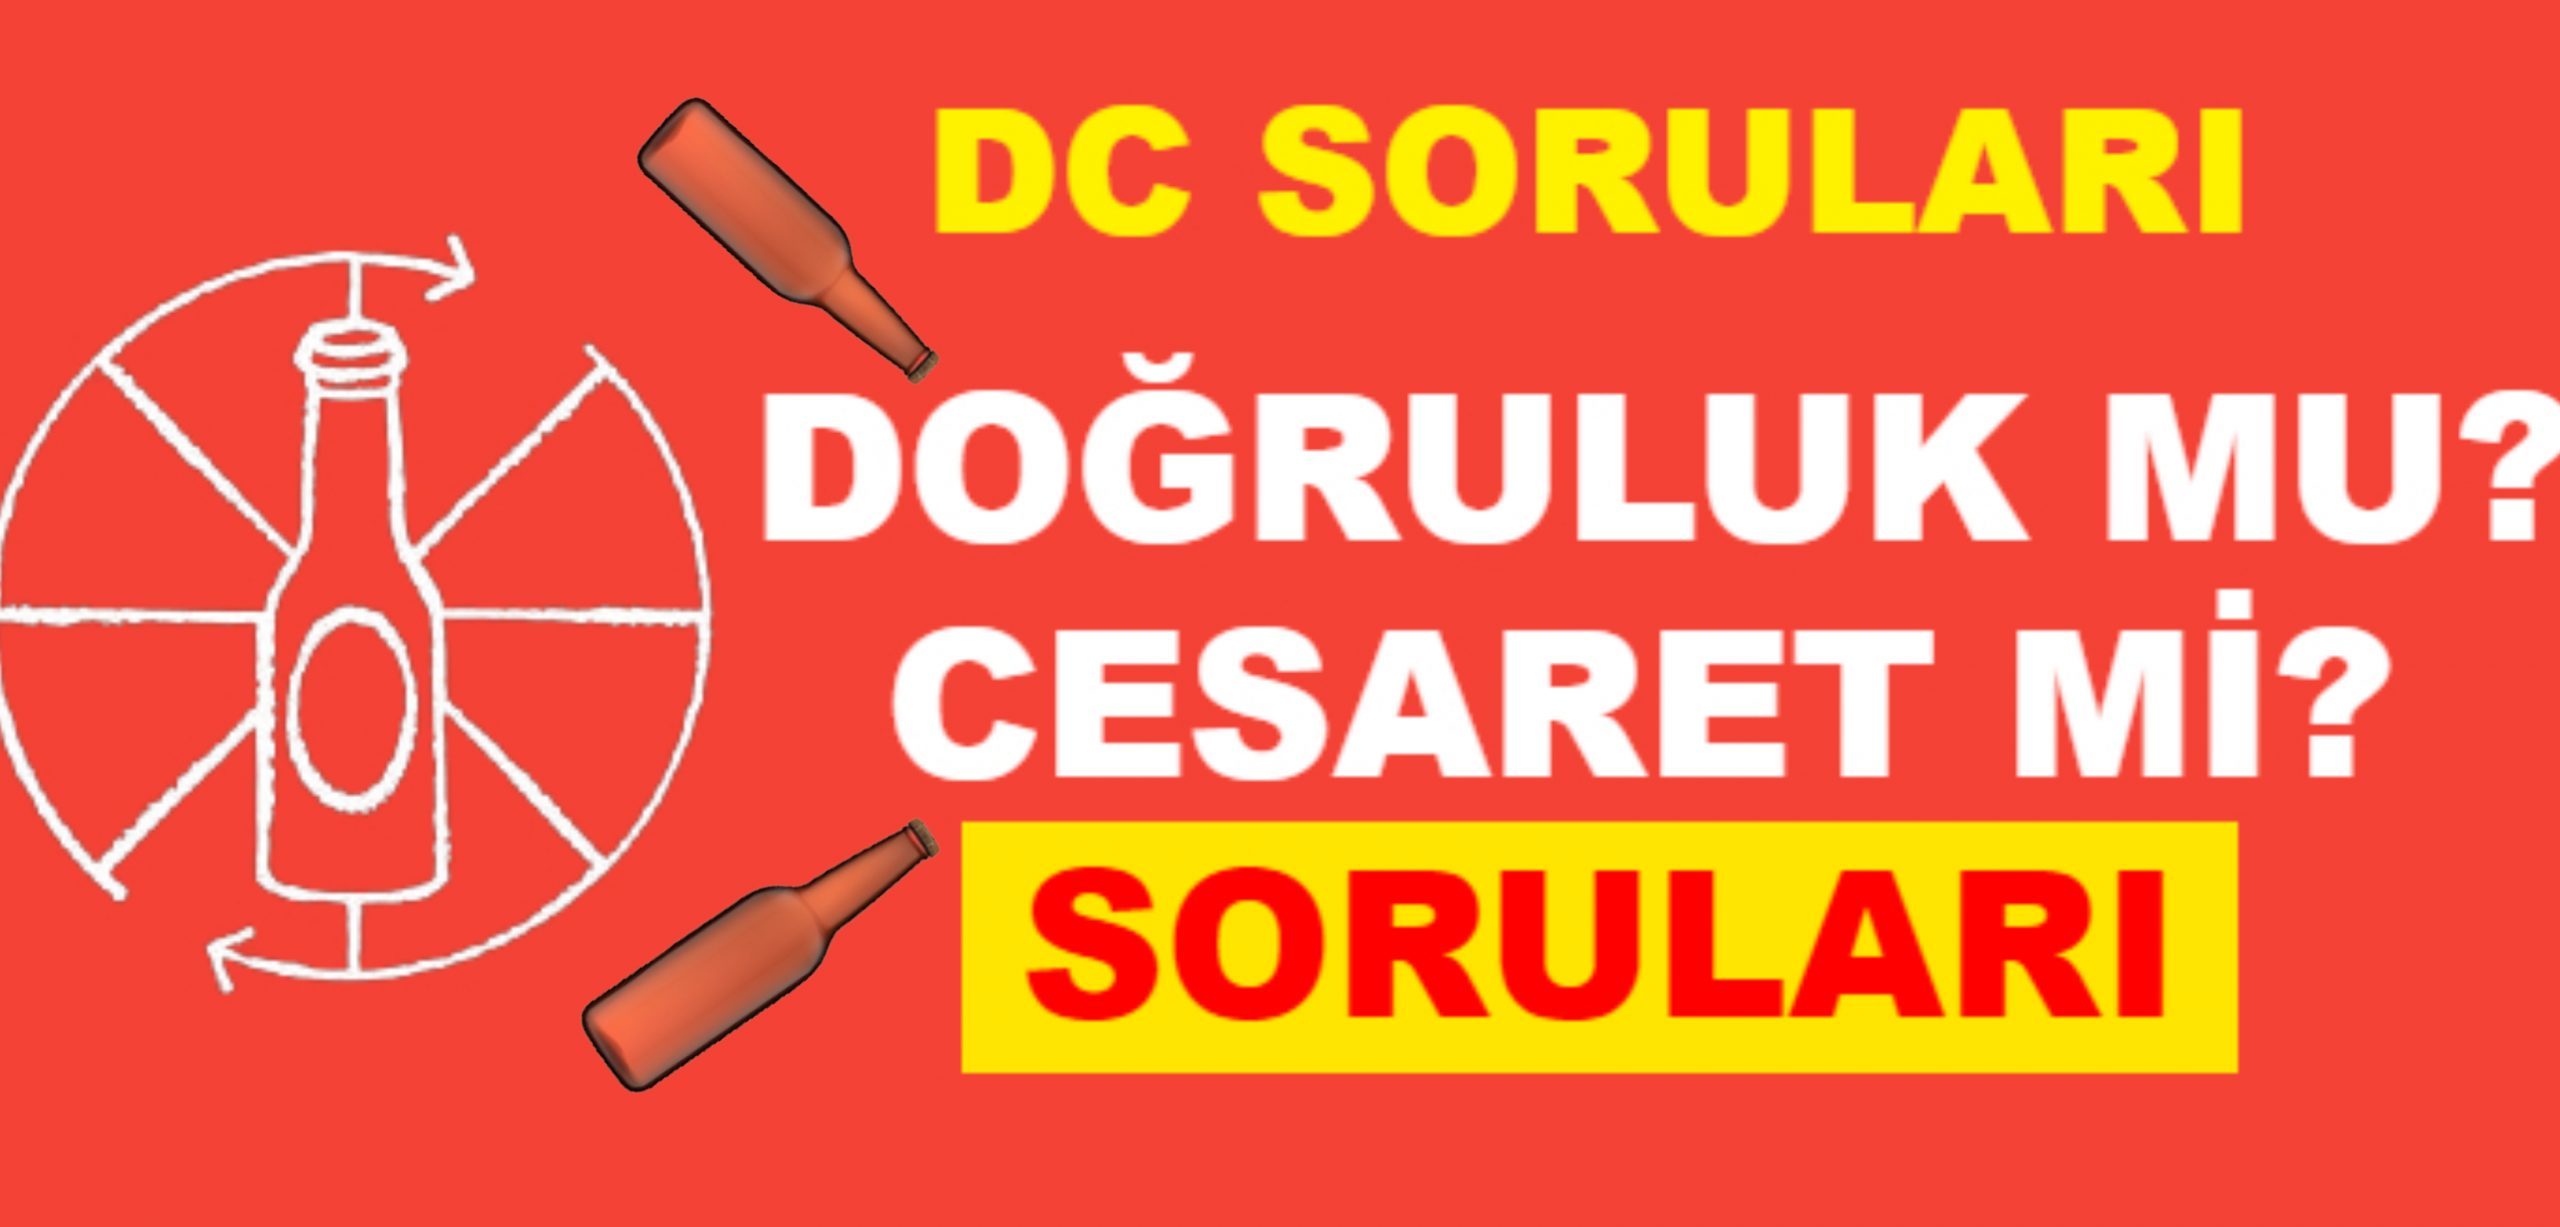 DC Sorulari